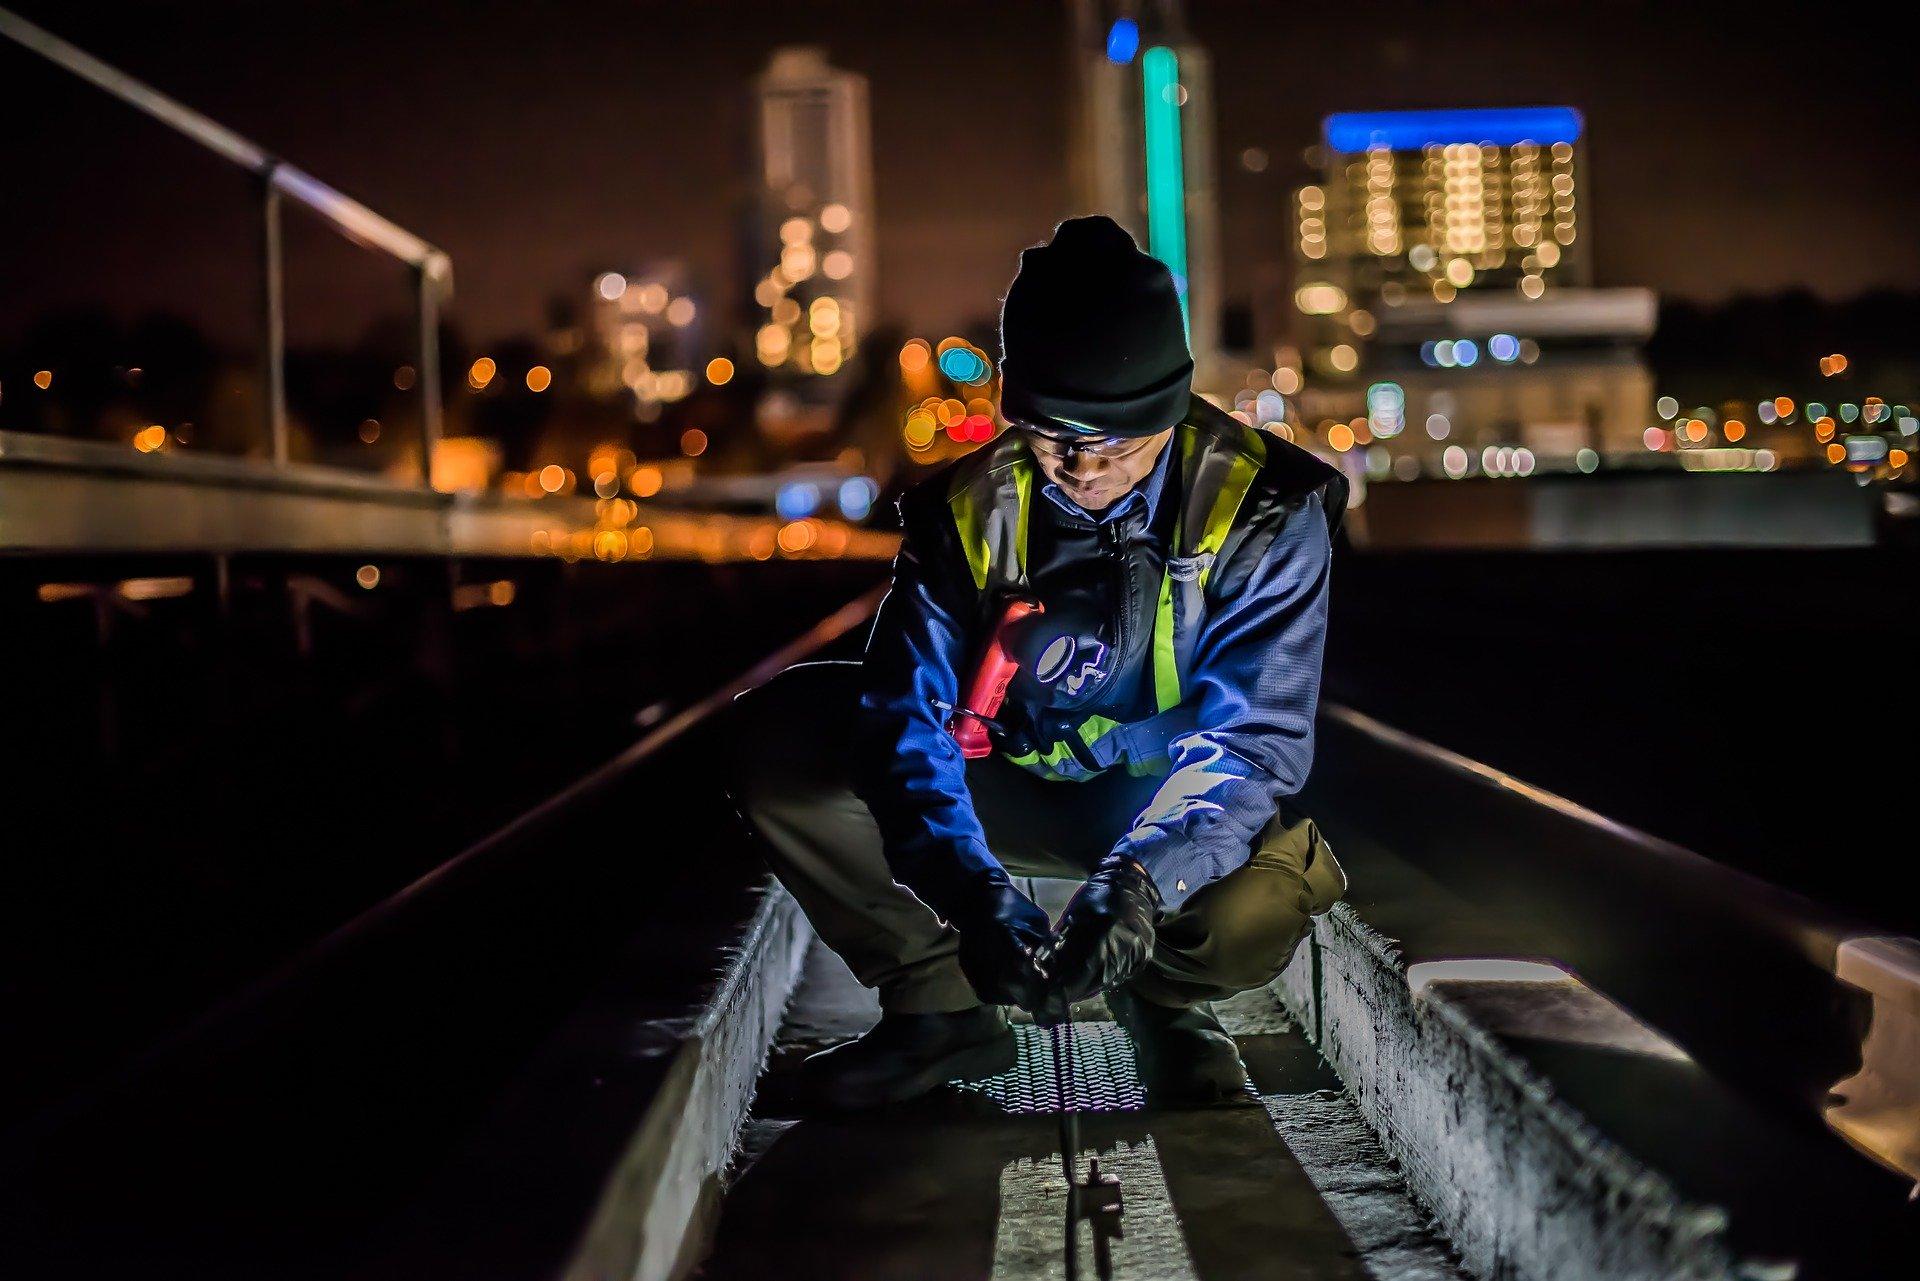 Mann arbeitet nachts auf Gleisen